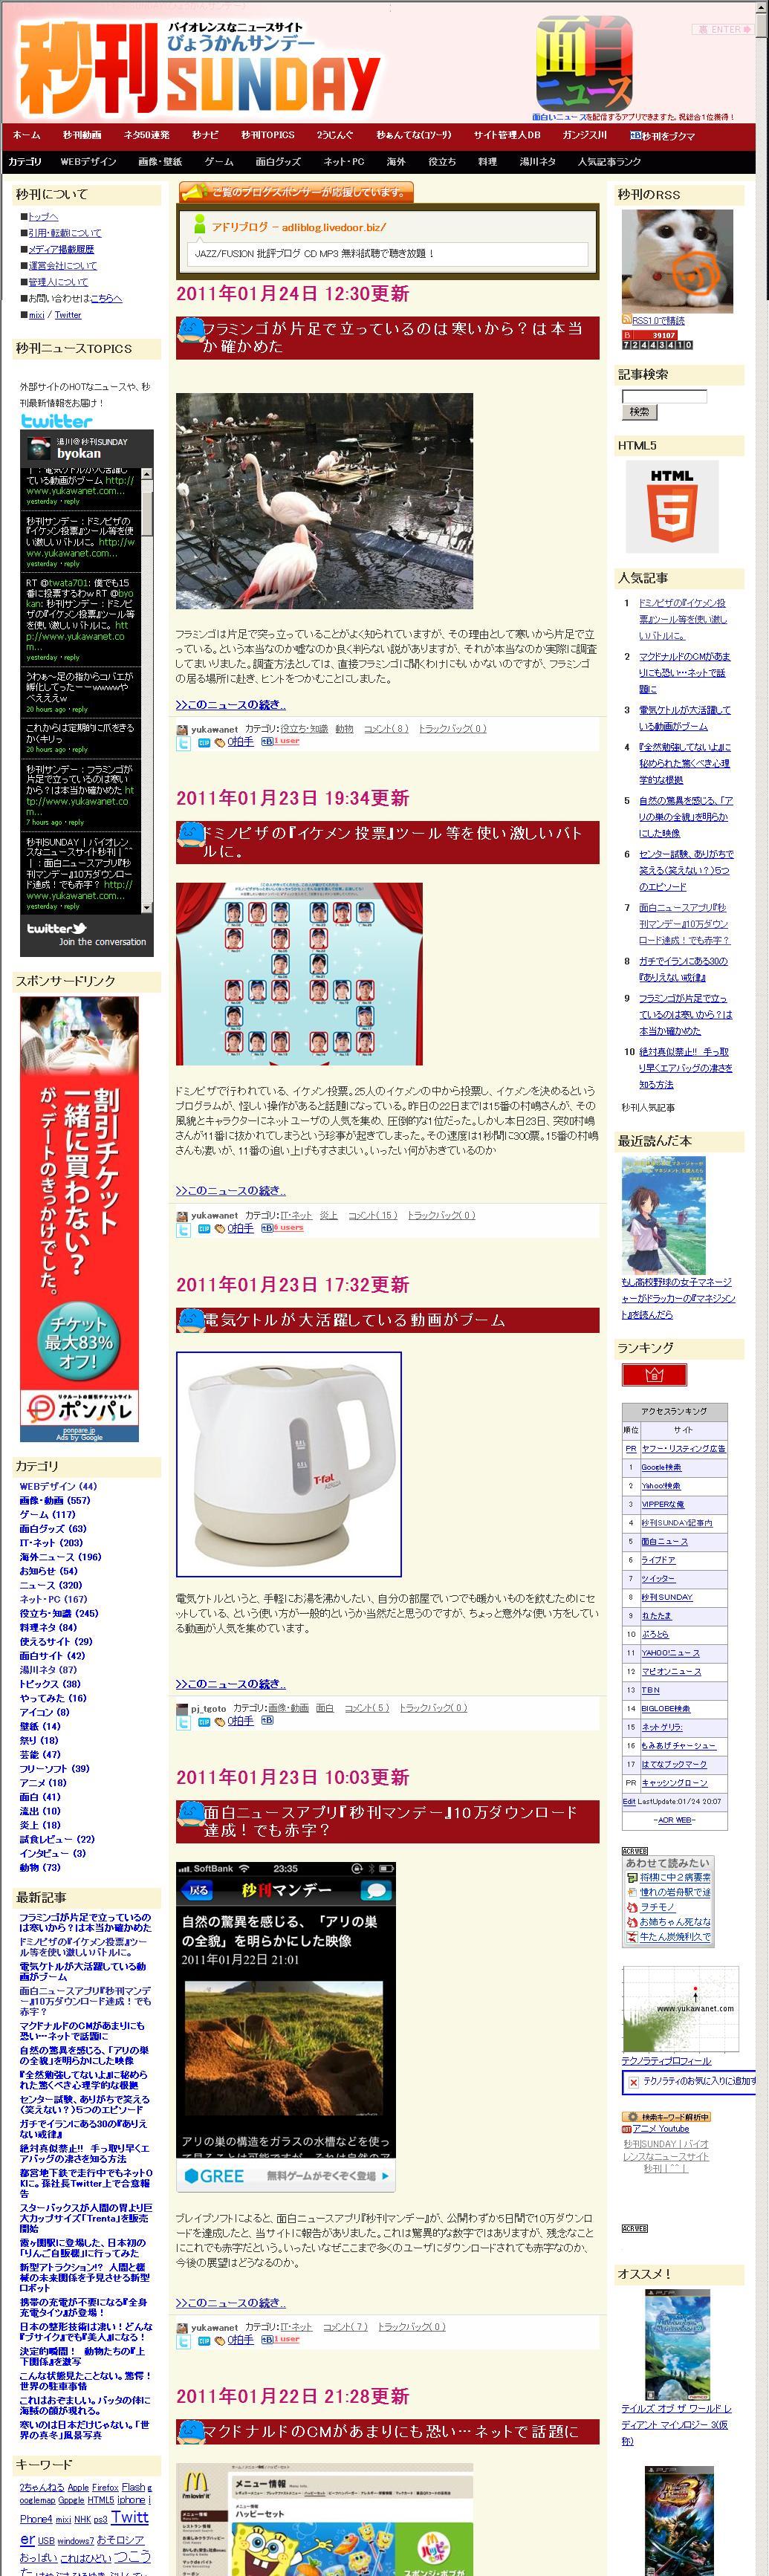 ブログスポンサーキャンペーン-2